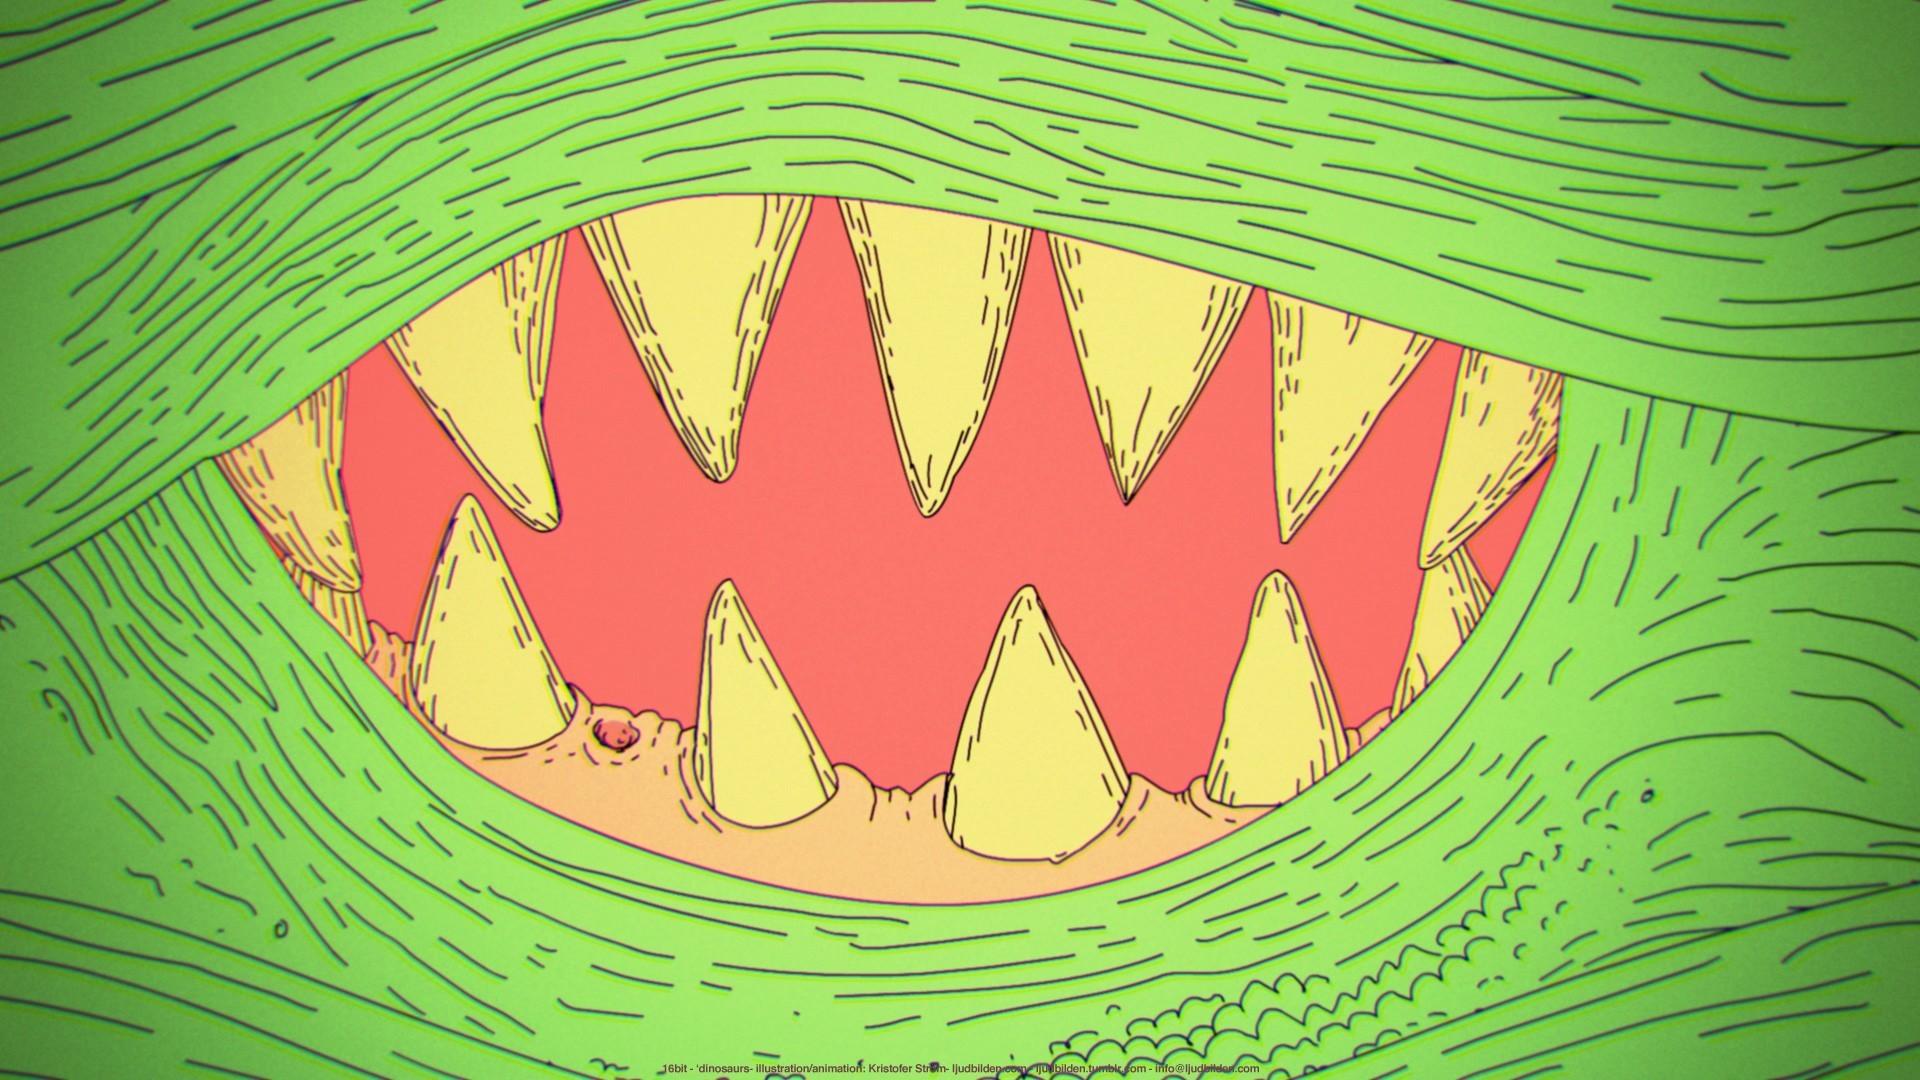 Abstract dinosaurs 16bit wallpaper